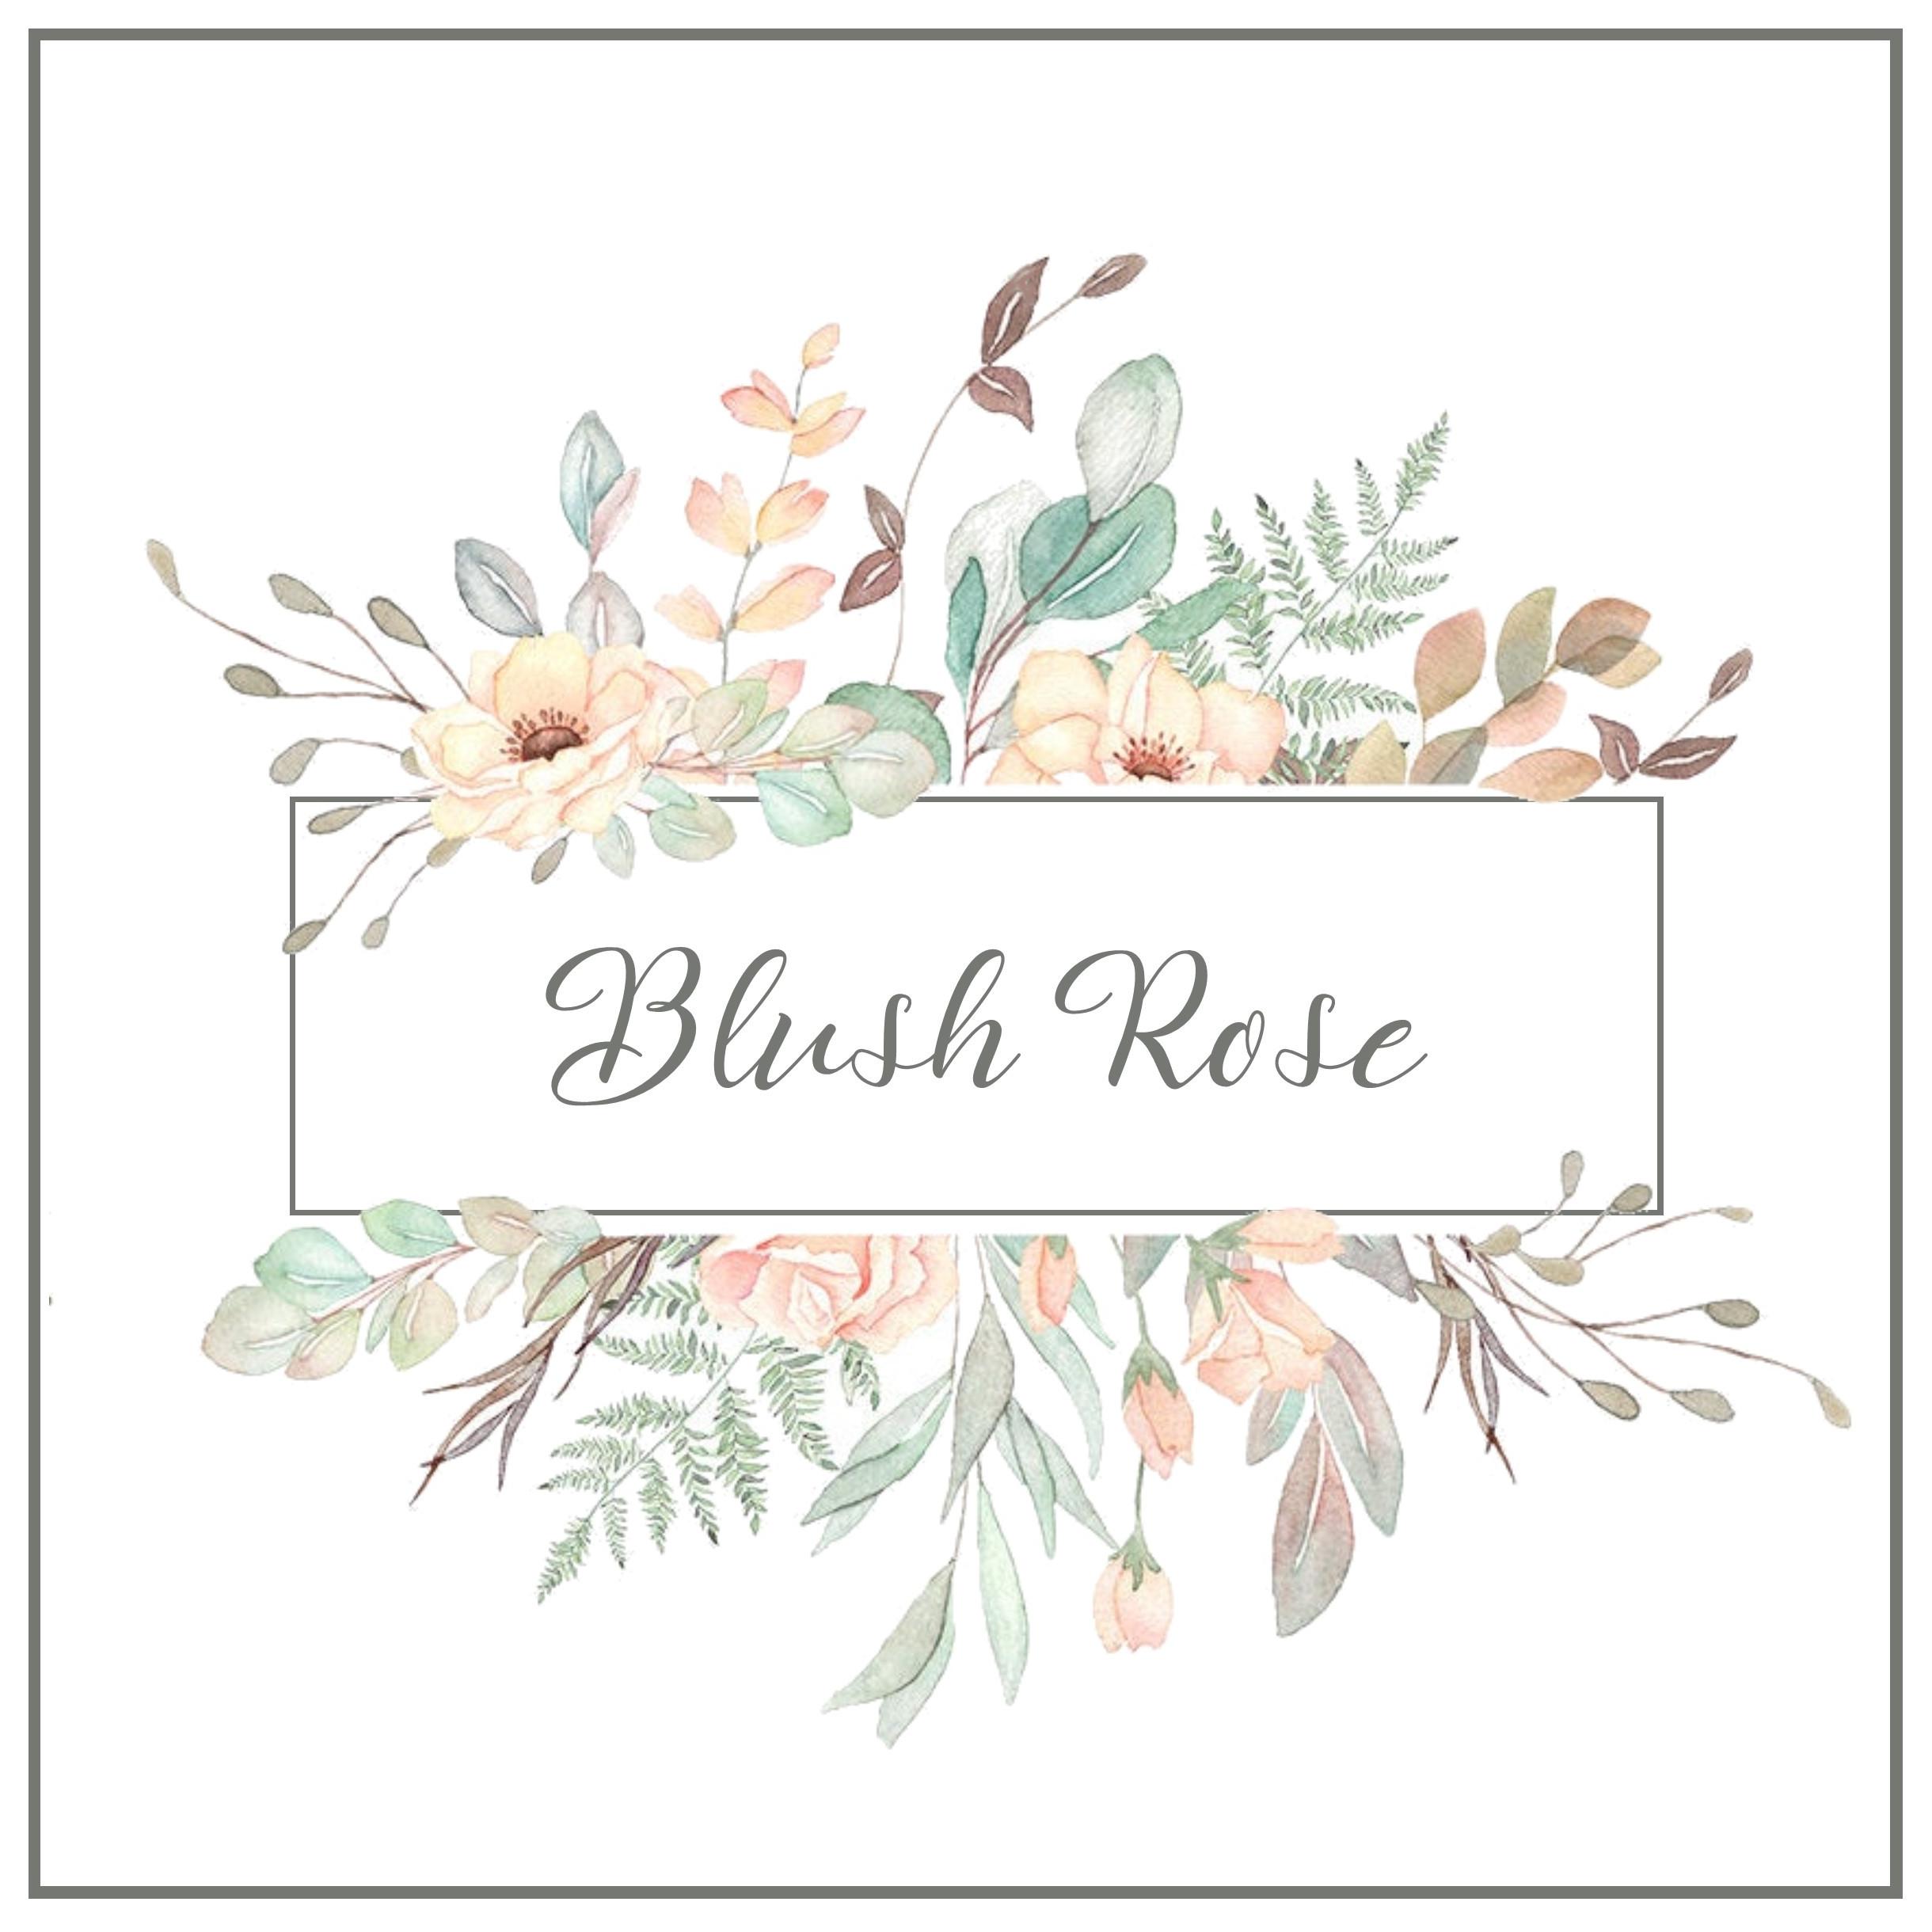 Blush Rose.jpg